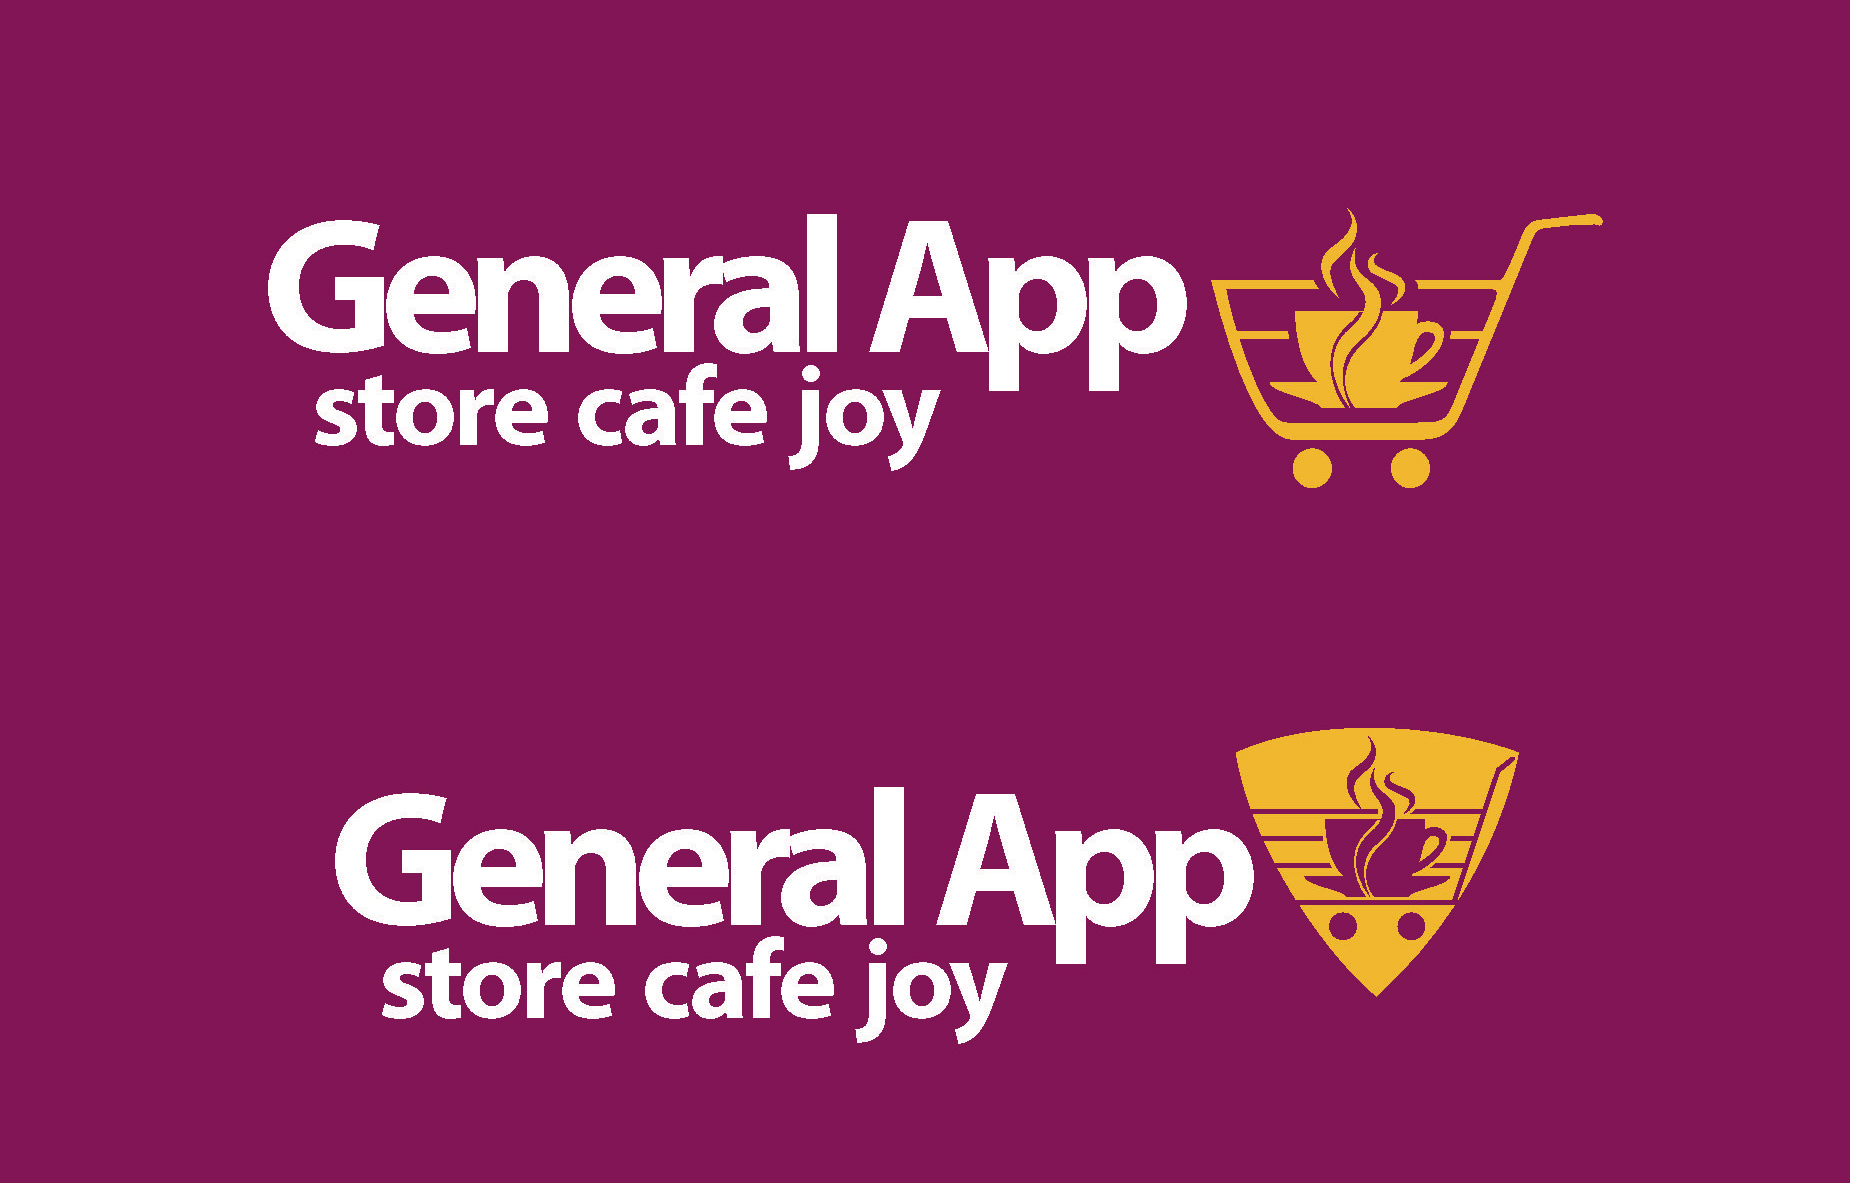 Разработать логотип для магазина/кафе на АЗС фото f_6675a64fdb829636.jpg